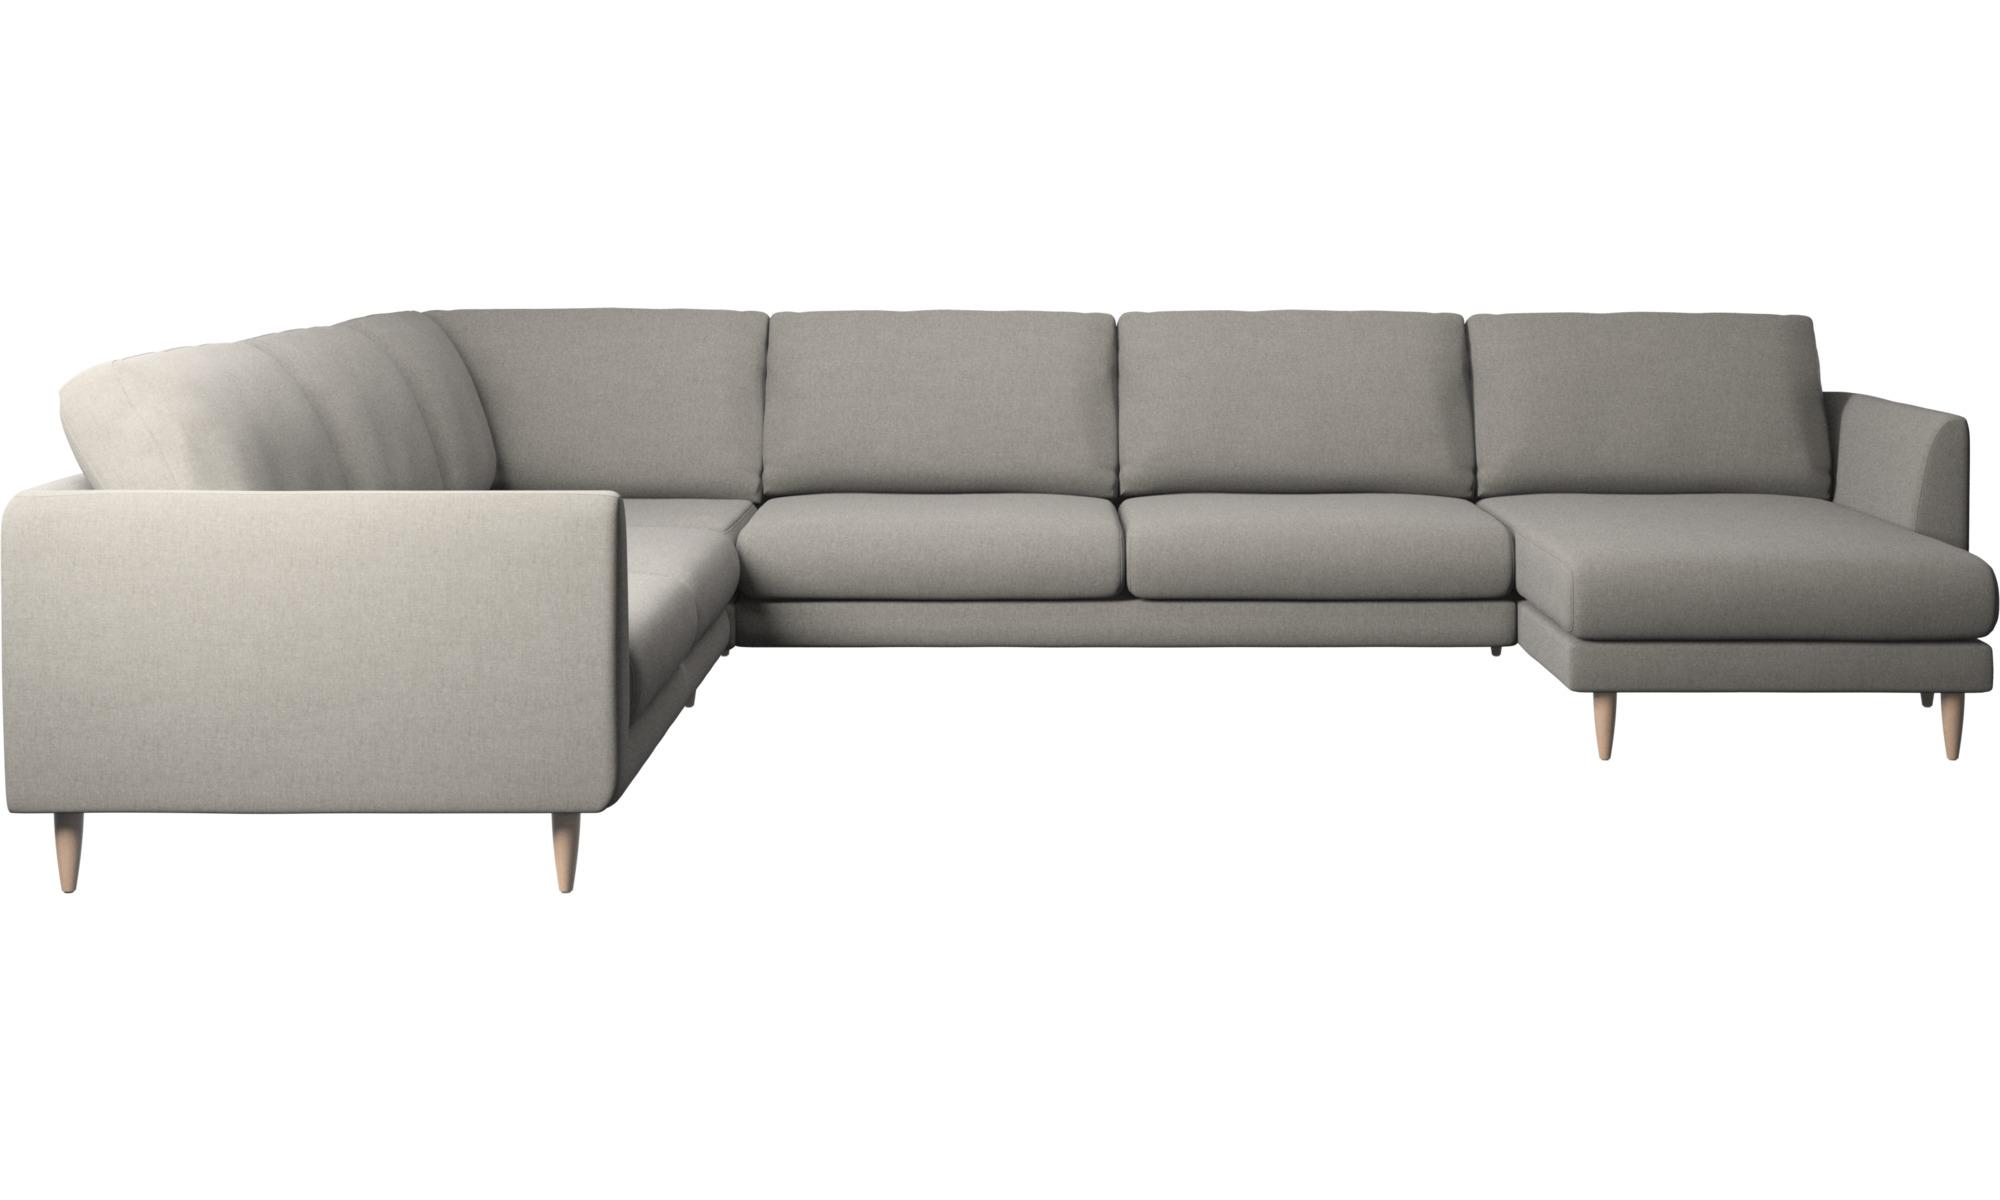 Canapés d'angle - Canapé d'angle Fargo avec méridienne - Gris - Tissu